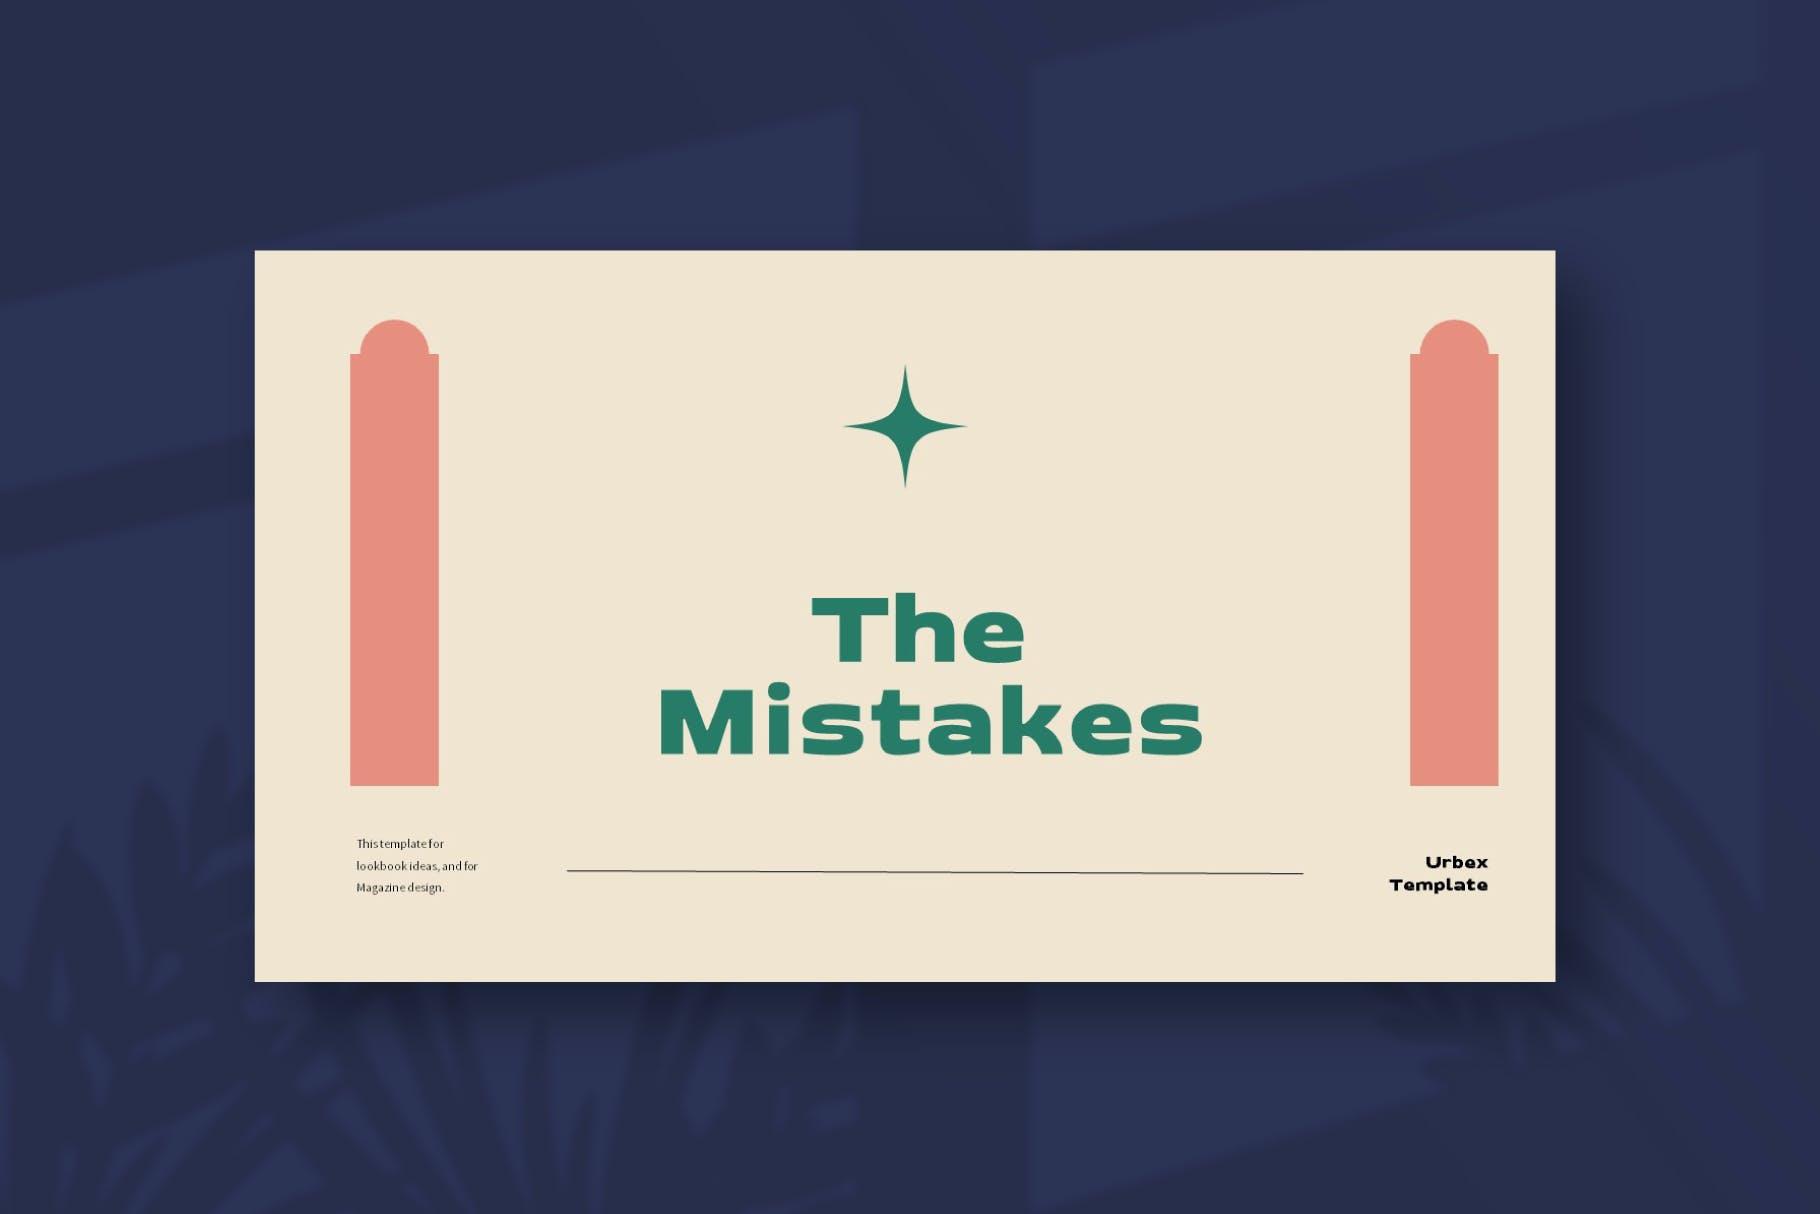 优雅品牌策划提案简报演示文稿设计PPT模版 Mistakes Powerpoint Template插图3